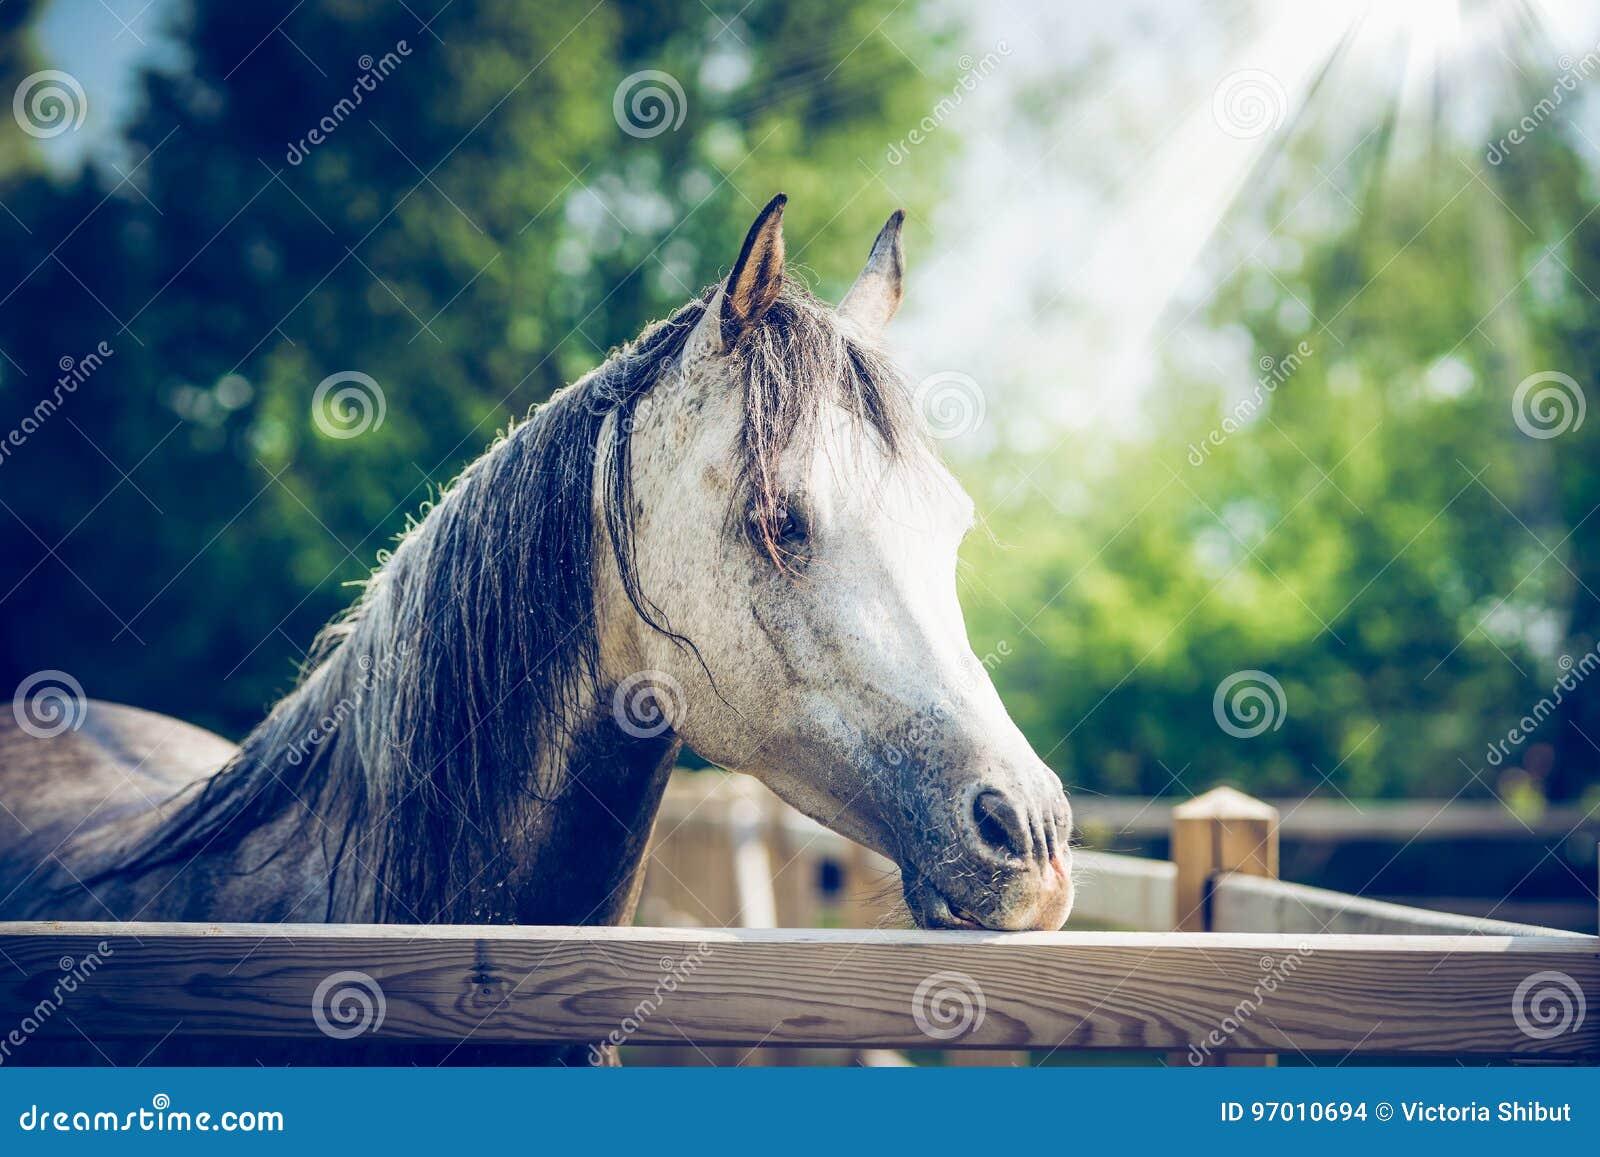 Cabeça de cavalo cinzenta árabe bonita na cerca do prado no fundo da natureza do verão